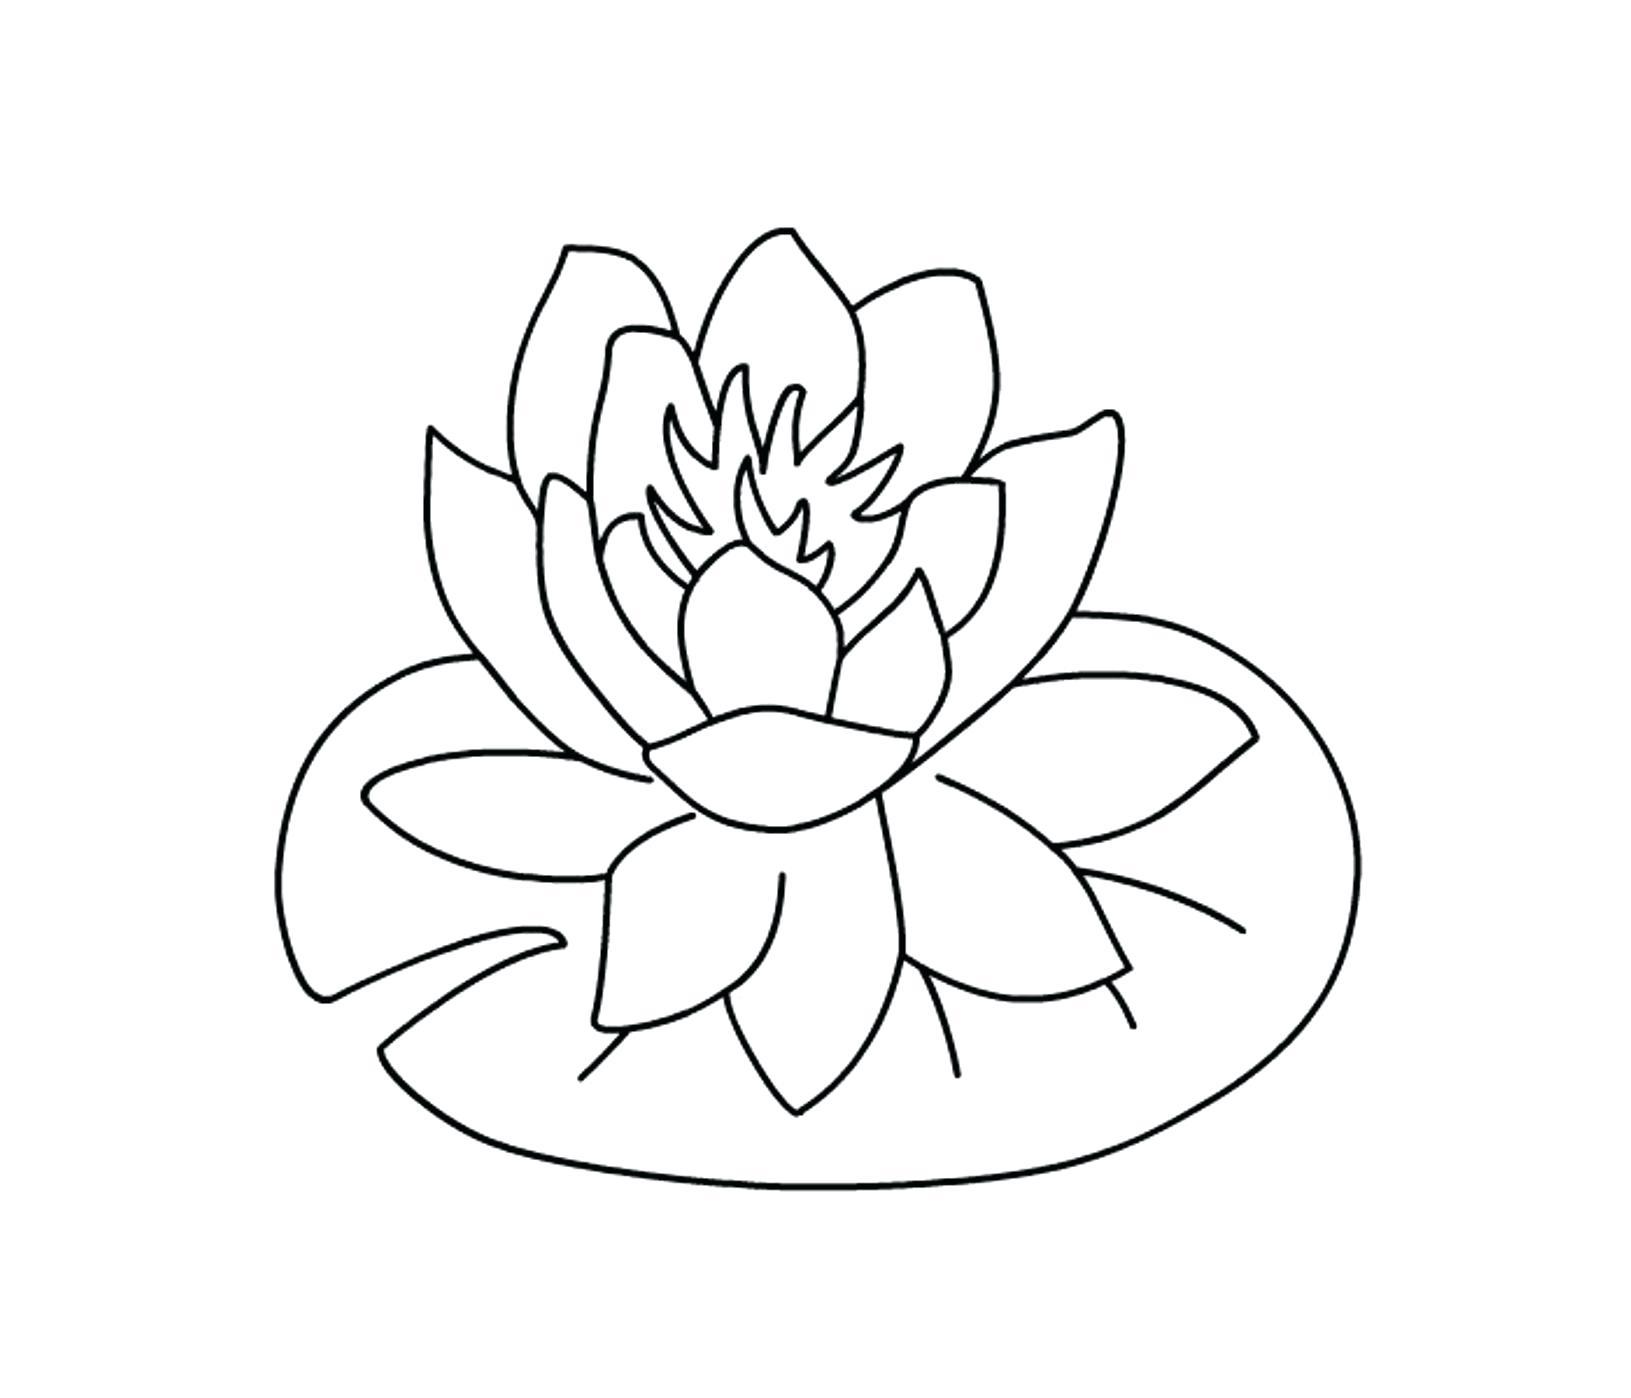 Hawaii Flower Drawing At Getdrawings